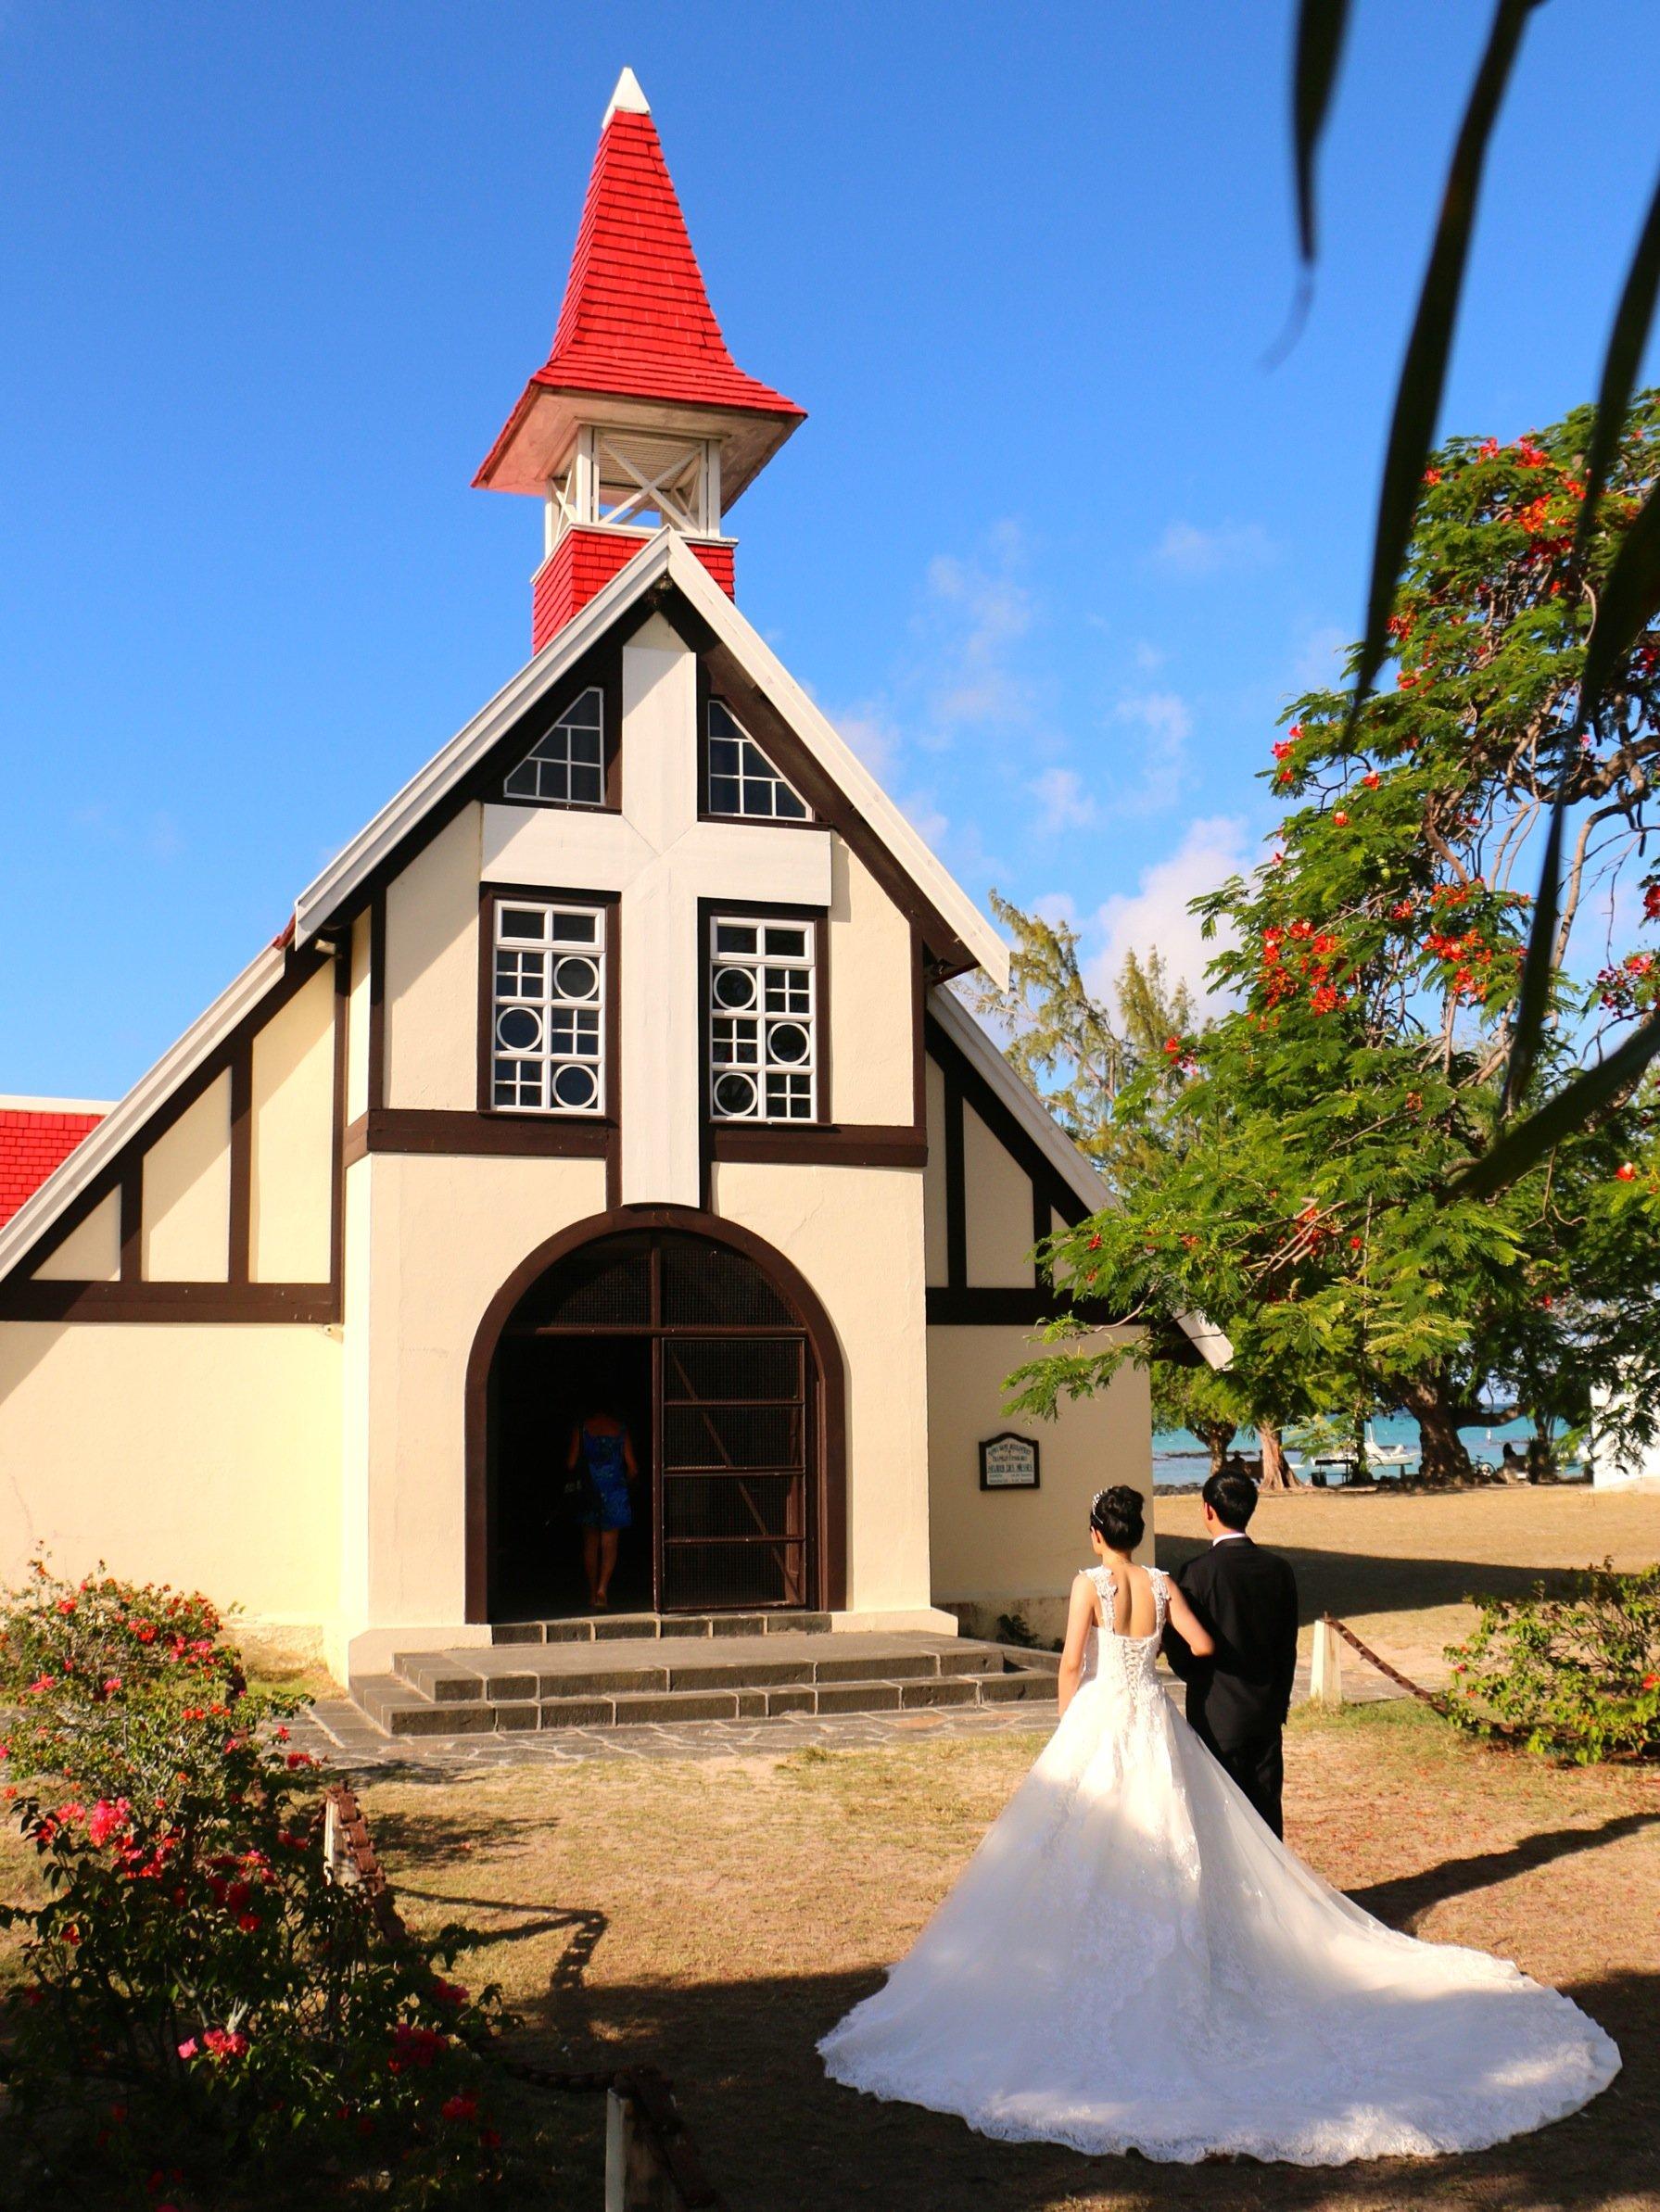 B N°2 Eglise toit rouge et mariés